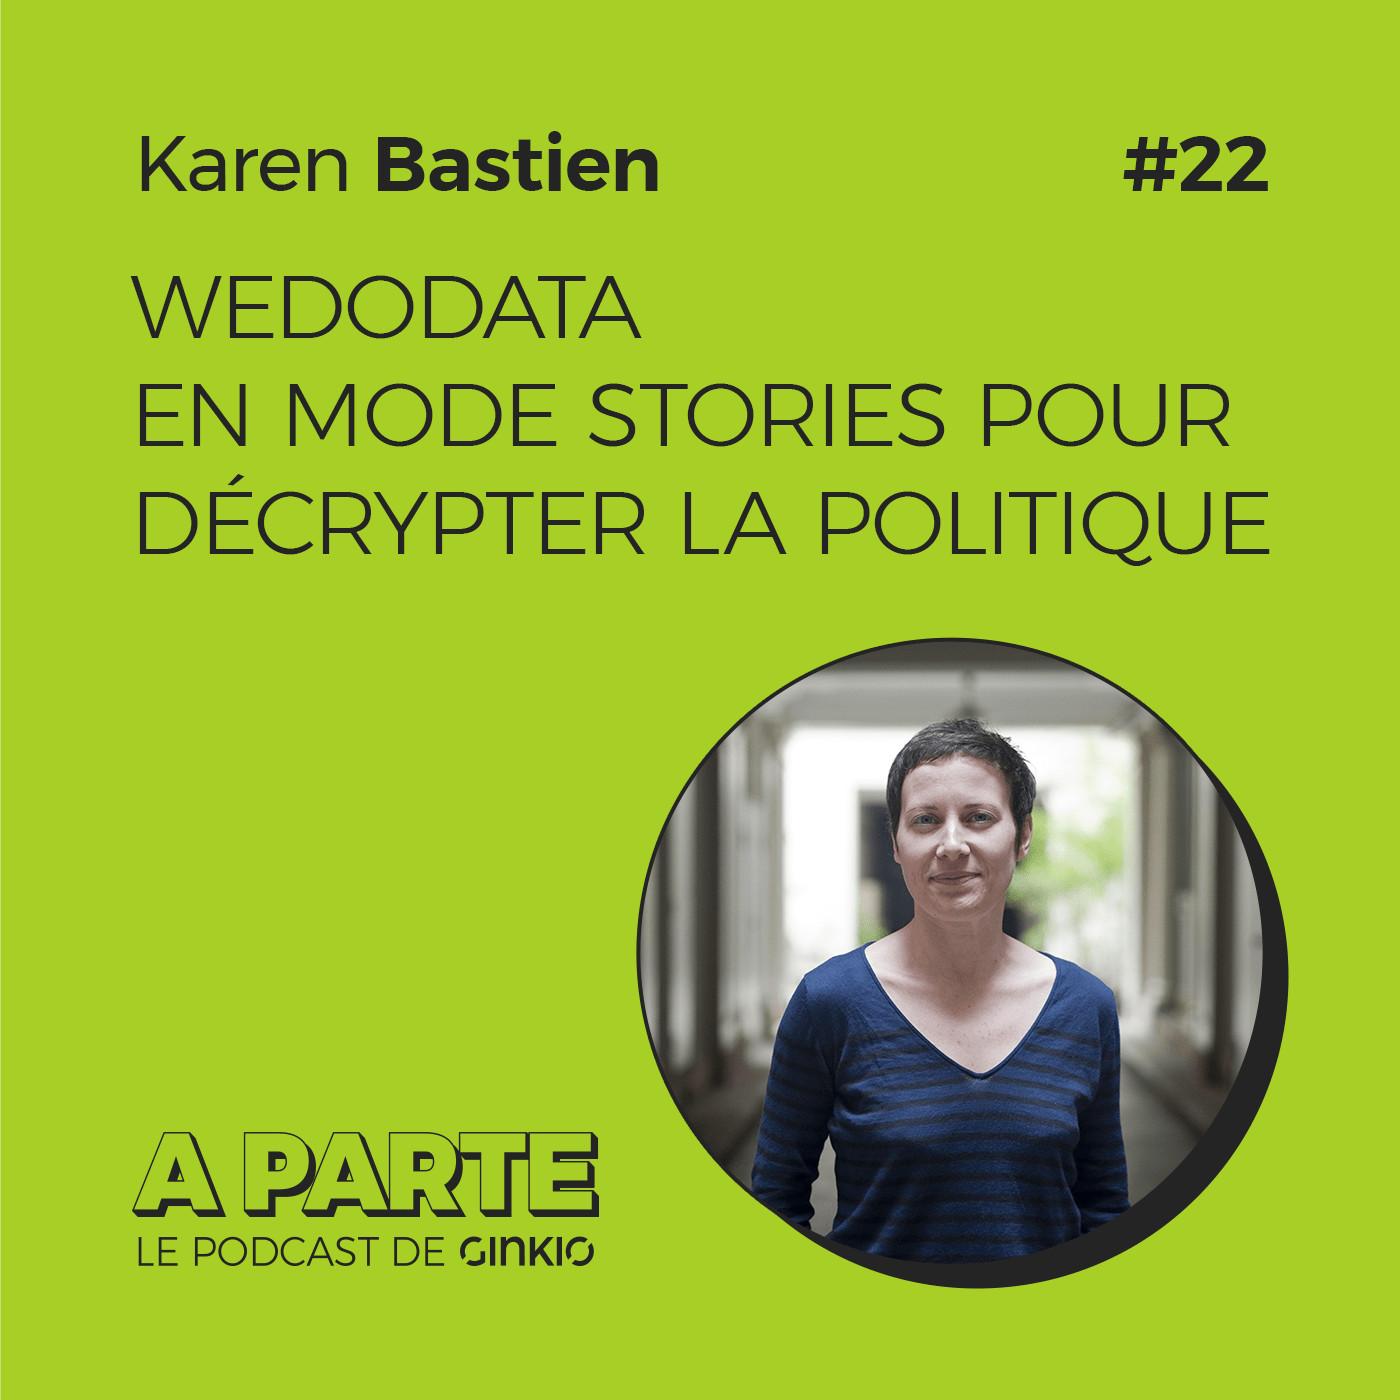 WeDoData en mode stories pour décrypter la politique, avec Karen Bastien